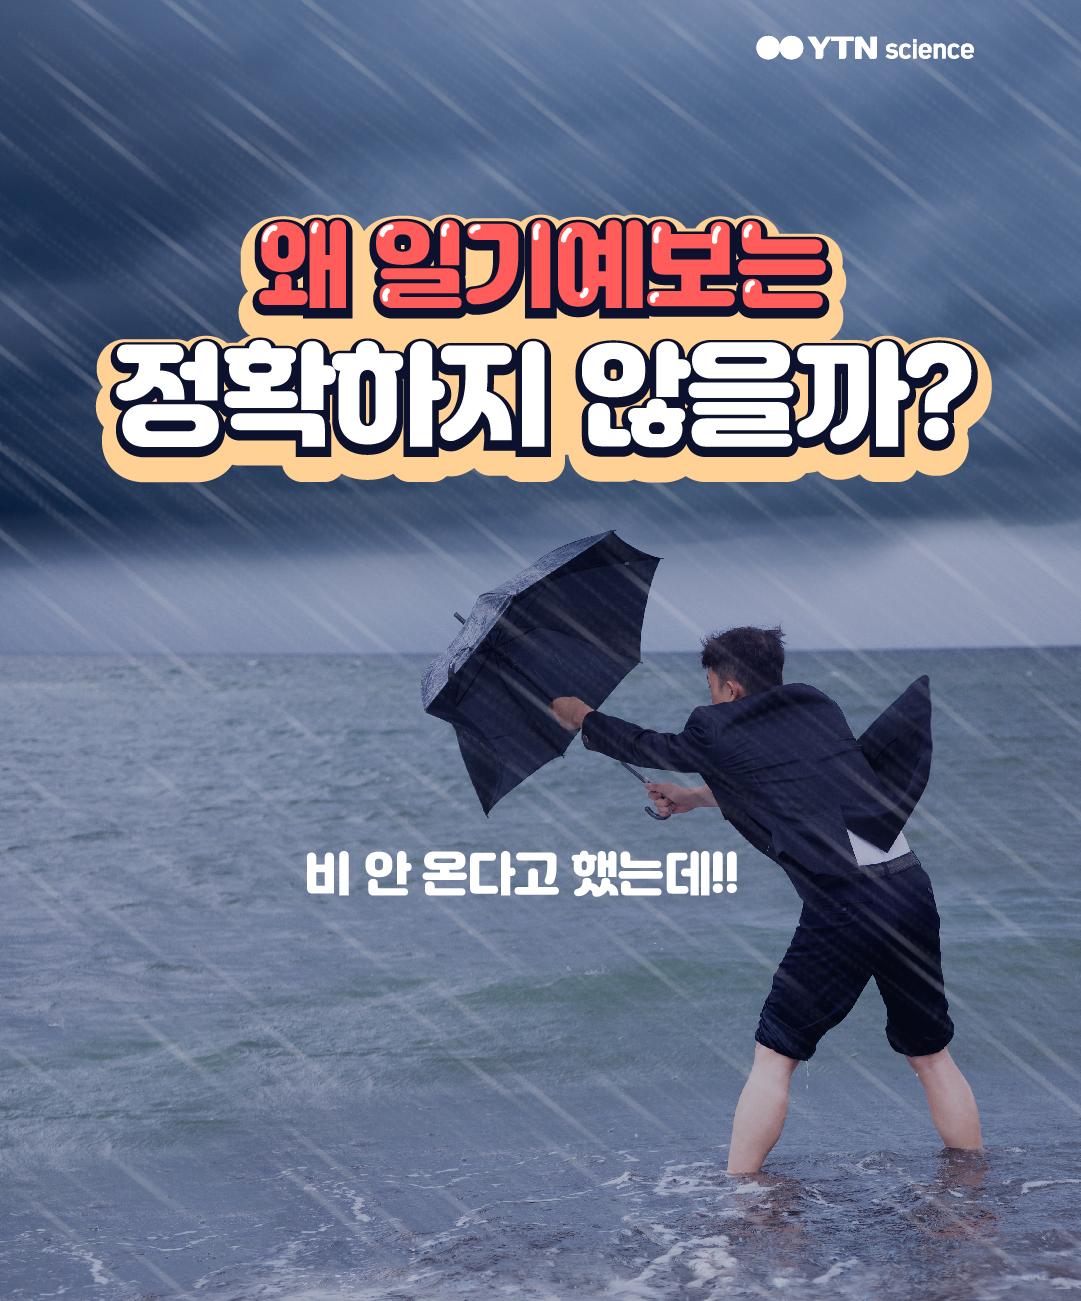 왜 일기예보는 정확하지 않을까? 이미지